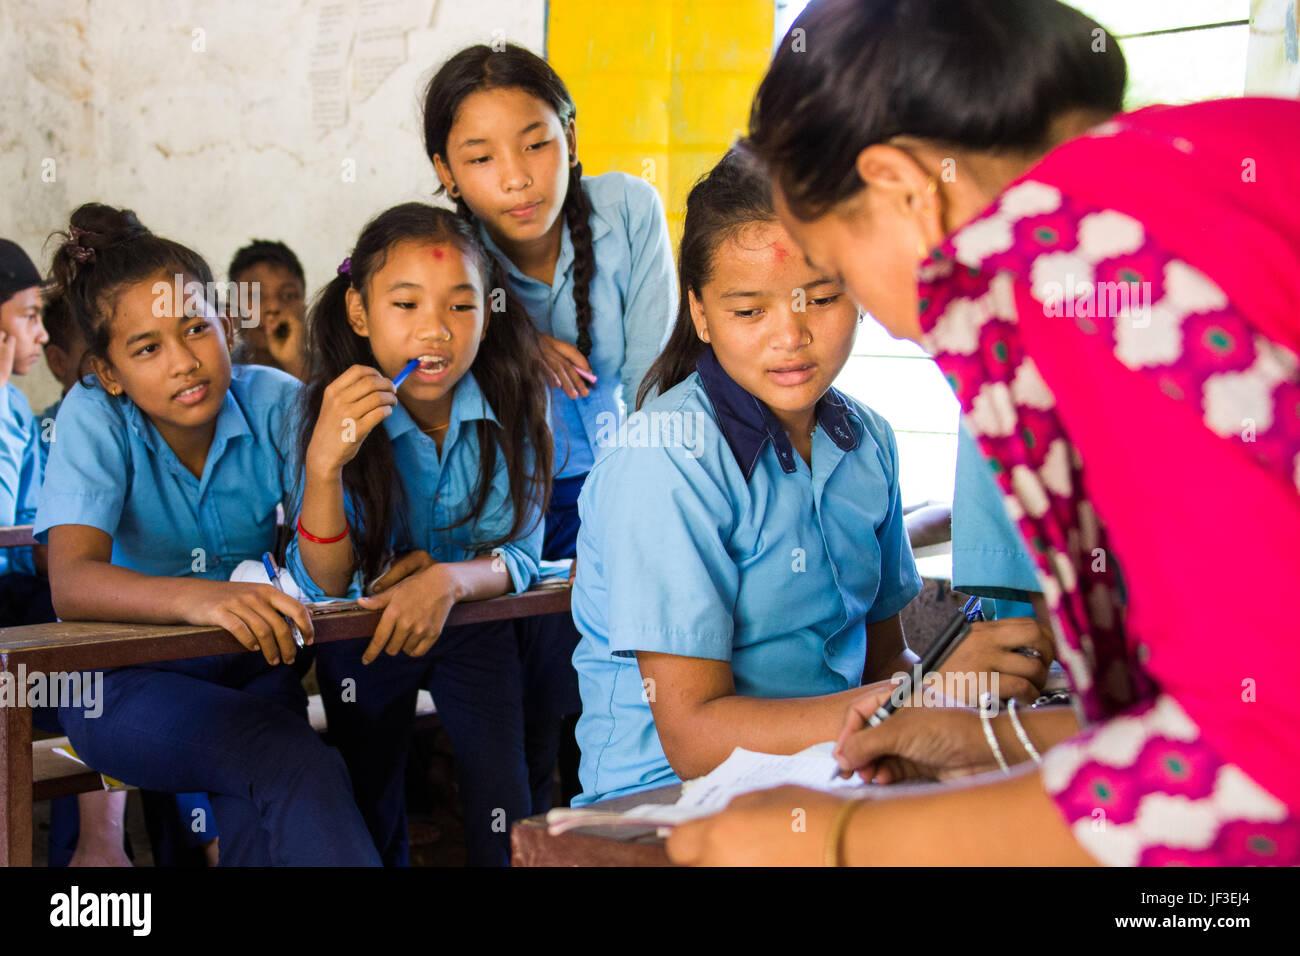 Studenti e docenti, Distretto Tanahu, Nepal rurale Immagini Stock